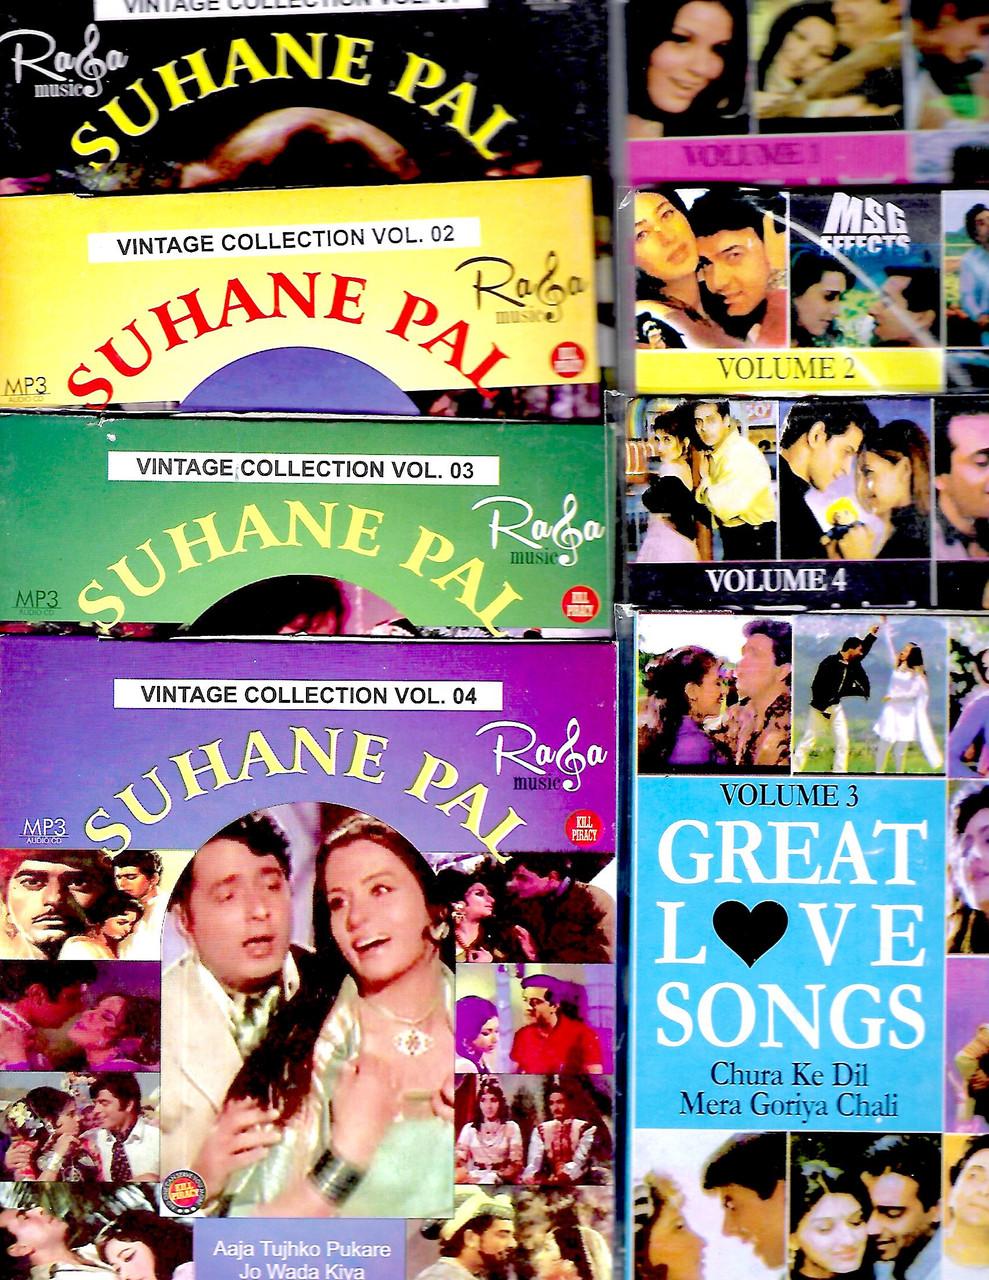 Suhane pal vol 1,2,3,4 / Great Love Songs Vol 1,2,3,4 ( 8 in 1 ) USB